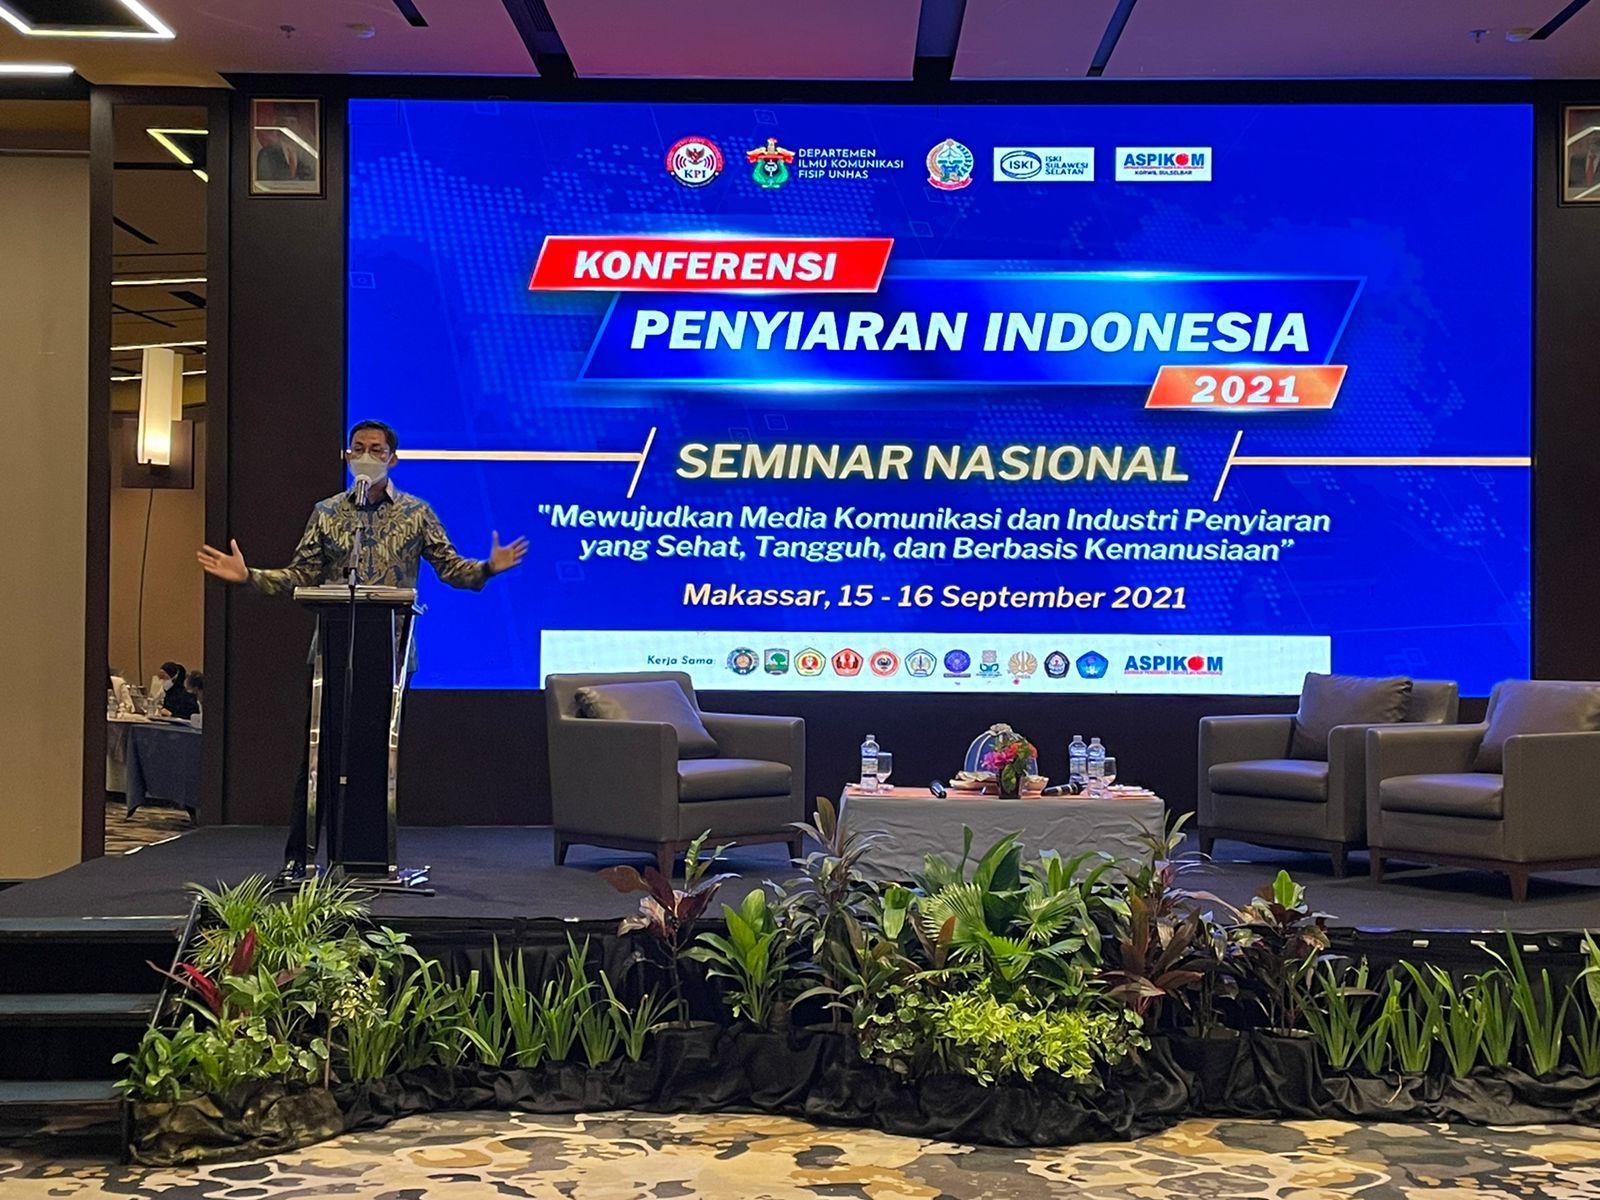 https: img.okezone.com content 2021 09 15 337 2471687 hadiri-konferensi-penyiaran-indonesia-sandiaga-uno-dorong-kolaborasi-semua-pihak-ciptakan-generasi-berakhlak-mulia-ewXitvDwFB.jpg